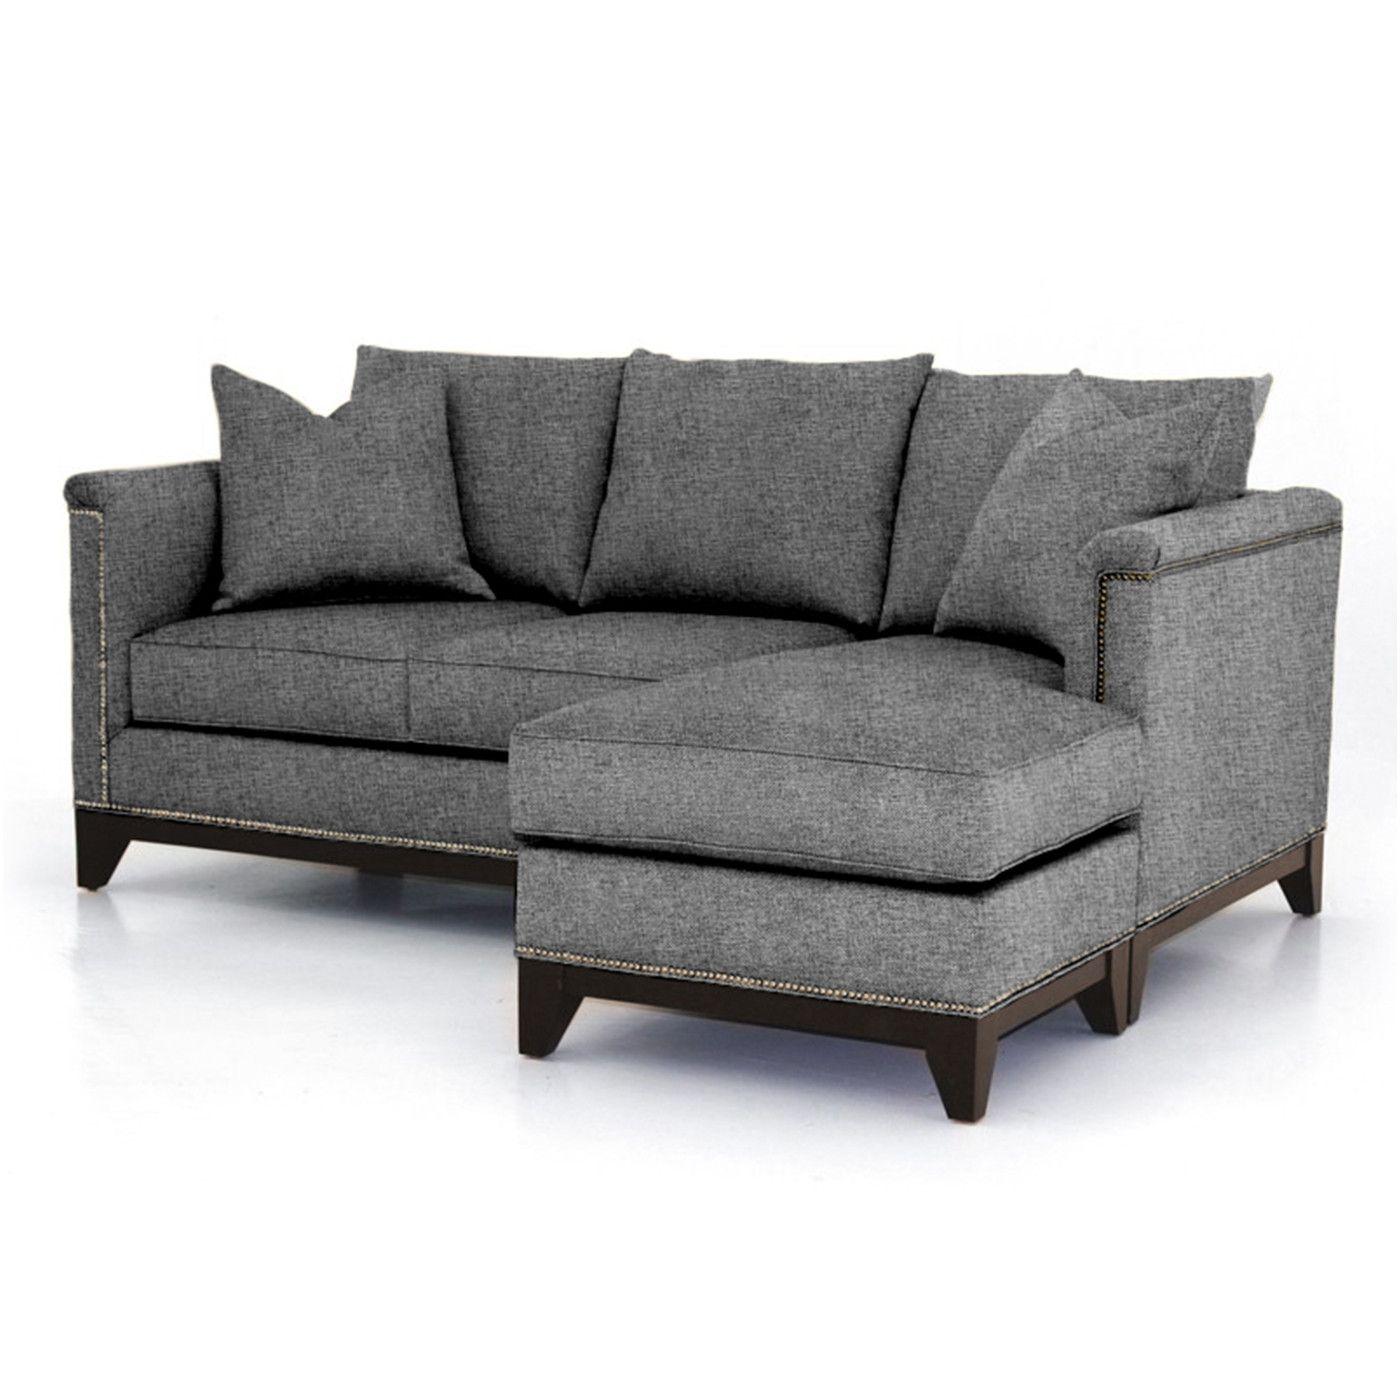 La Brea Reversible Chaise Sofa